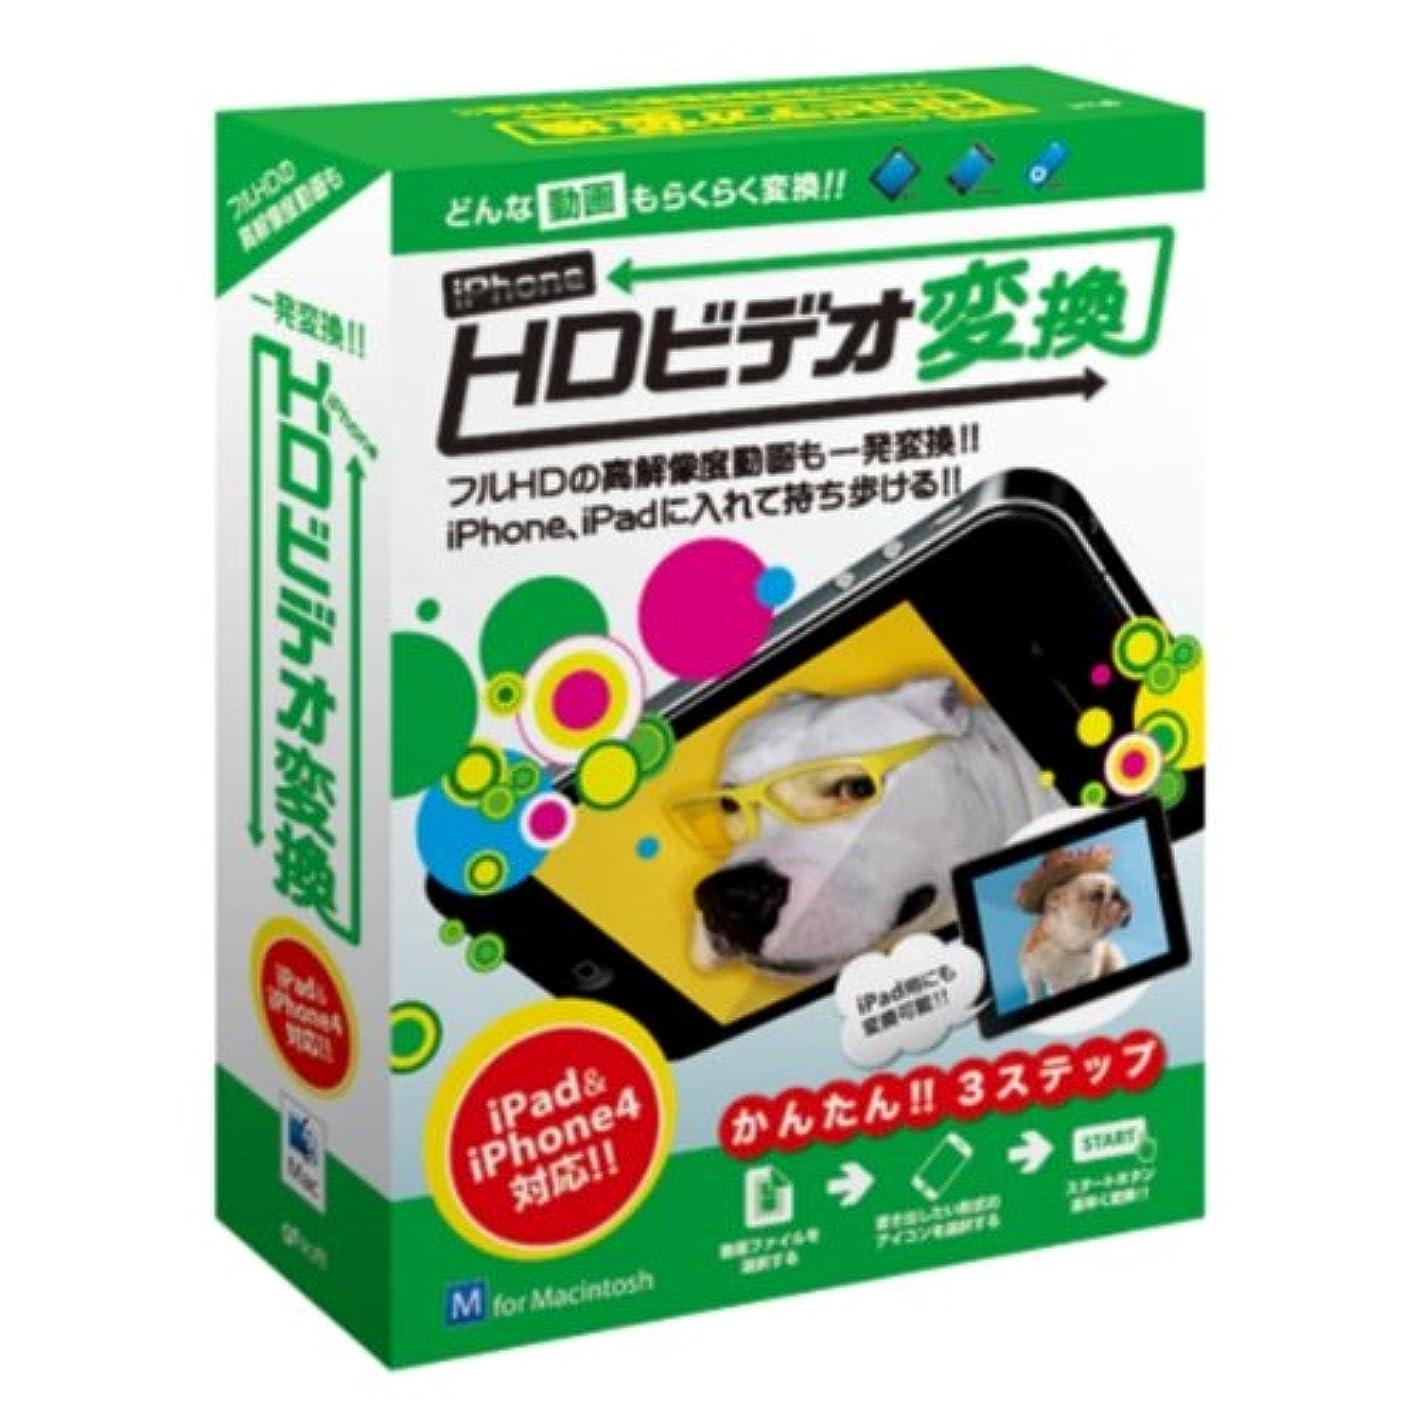 困った売上高オートHDビデオ変換iPhone for Mac